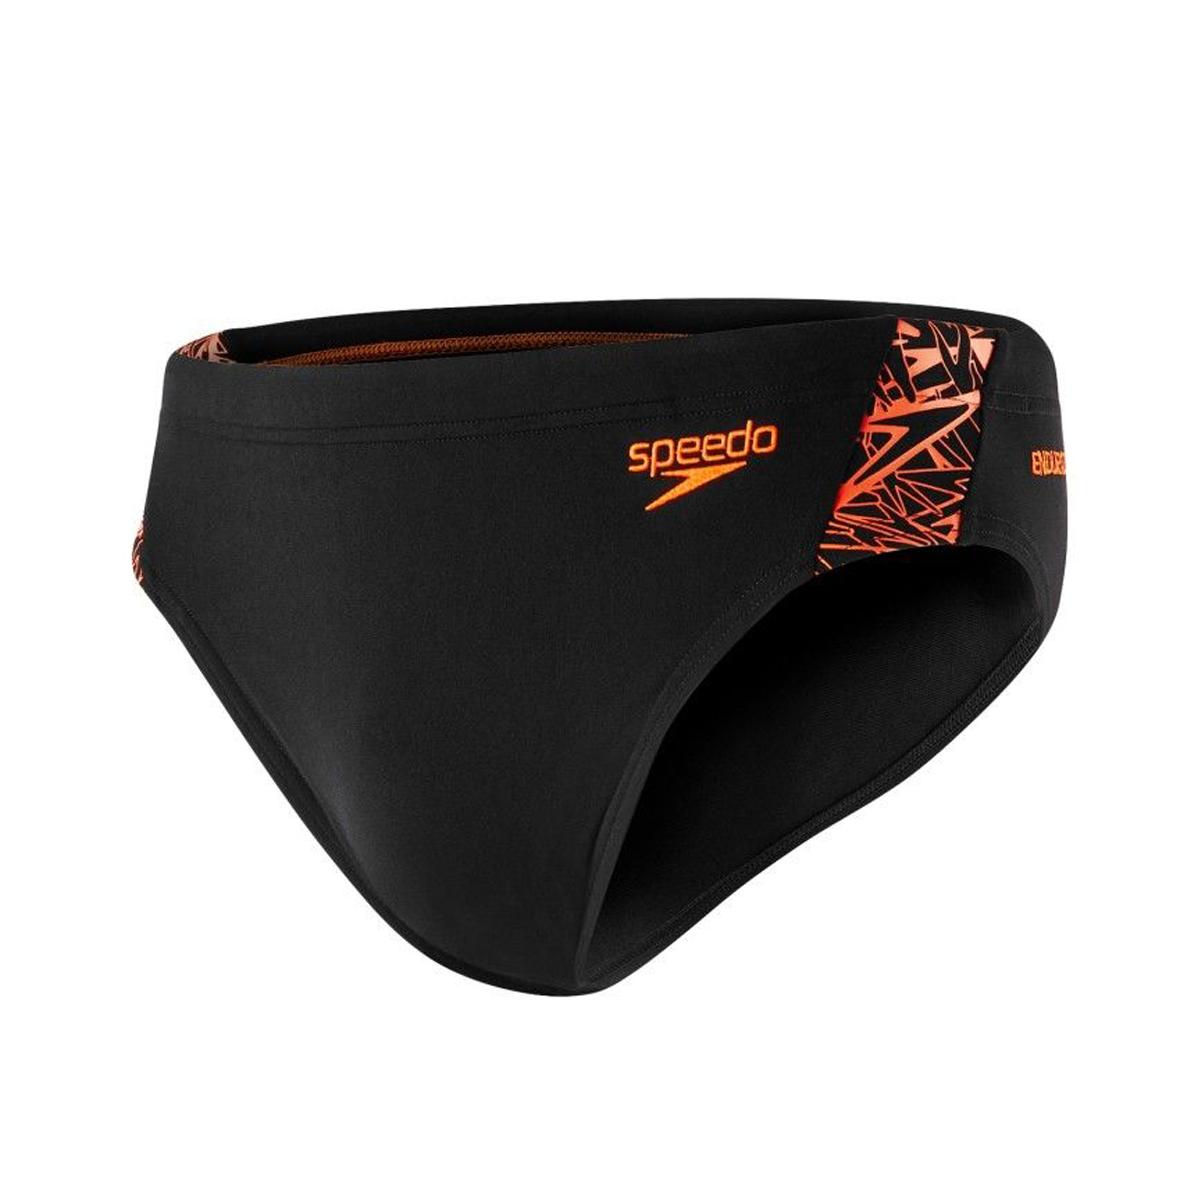 Speedo Zwembroek.Speedo Boom Splice Endurance Brief Zwembroek Zwart Oranje Online